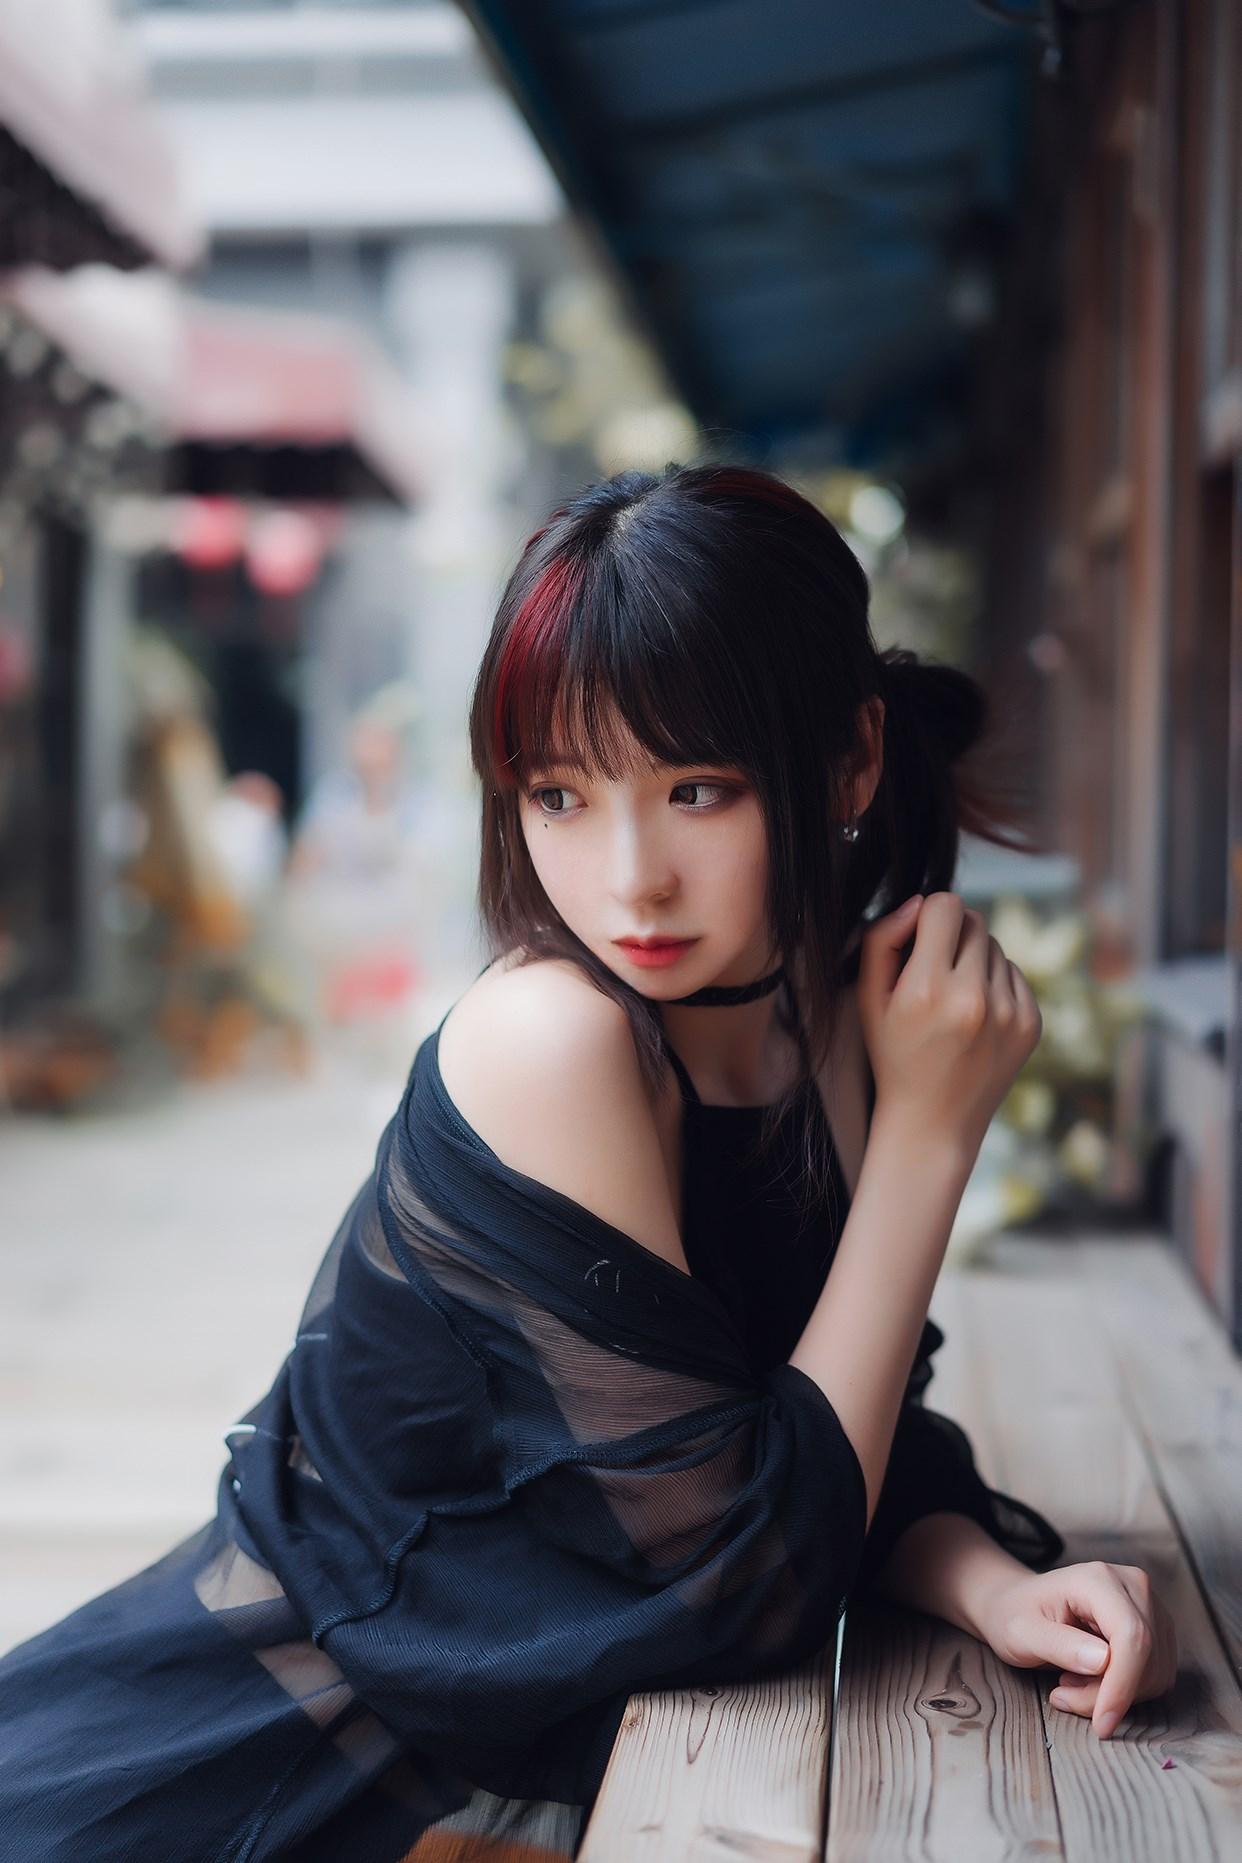 【兔玩映画】叛逆青春少女 兔玩映画 第11张